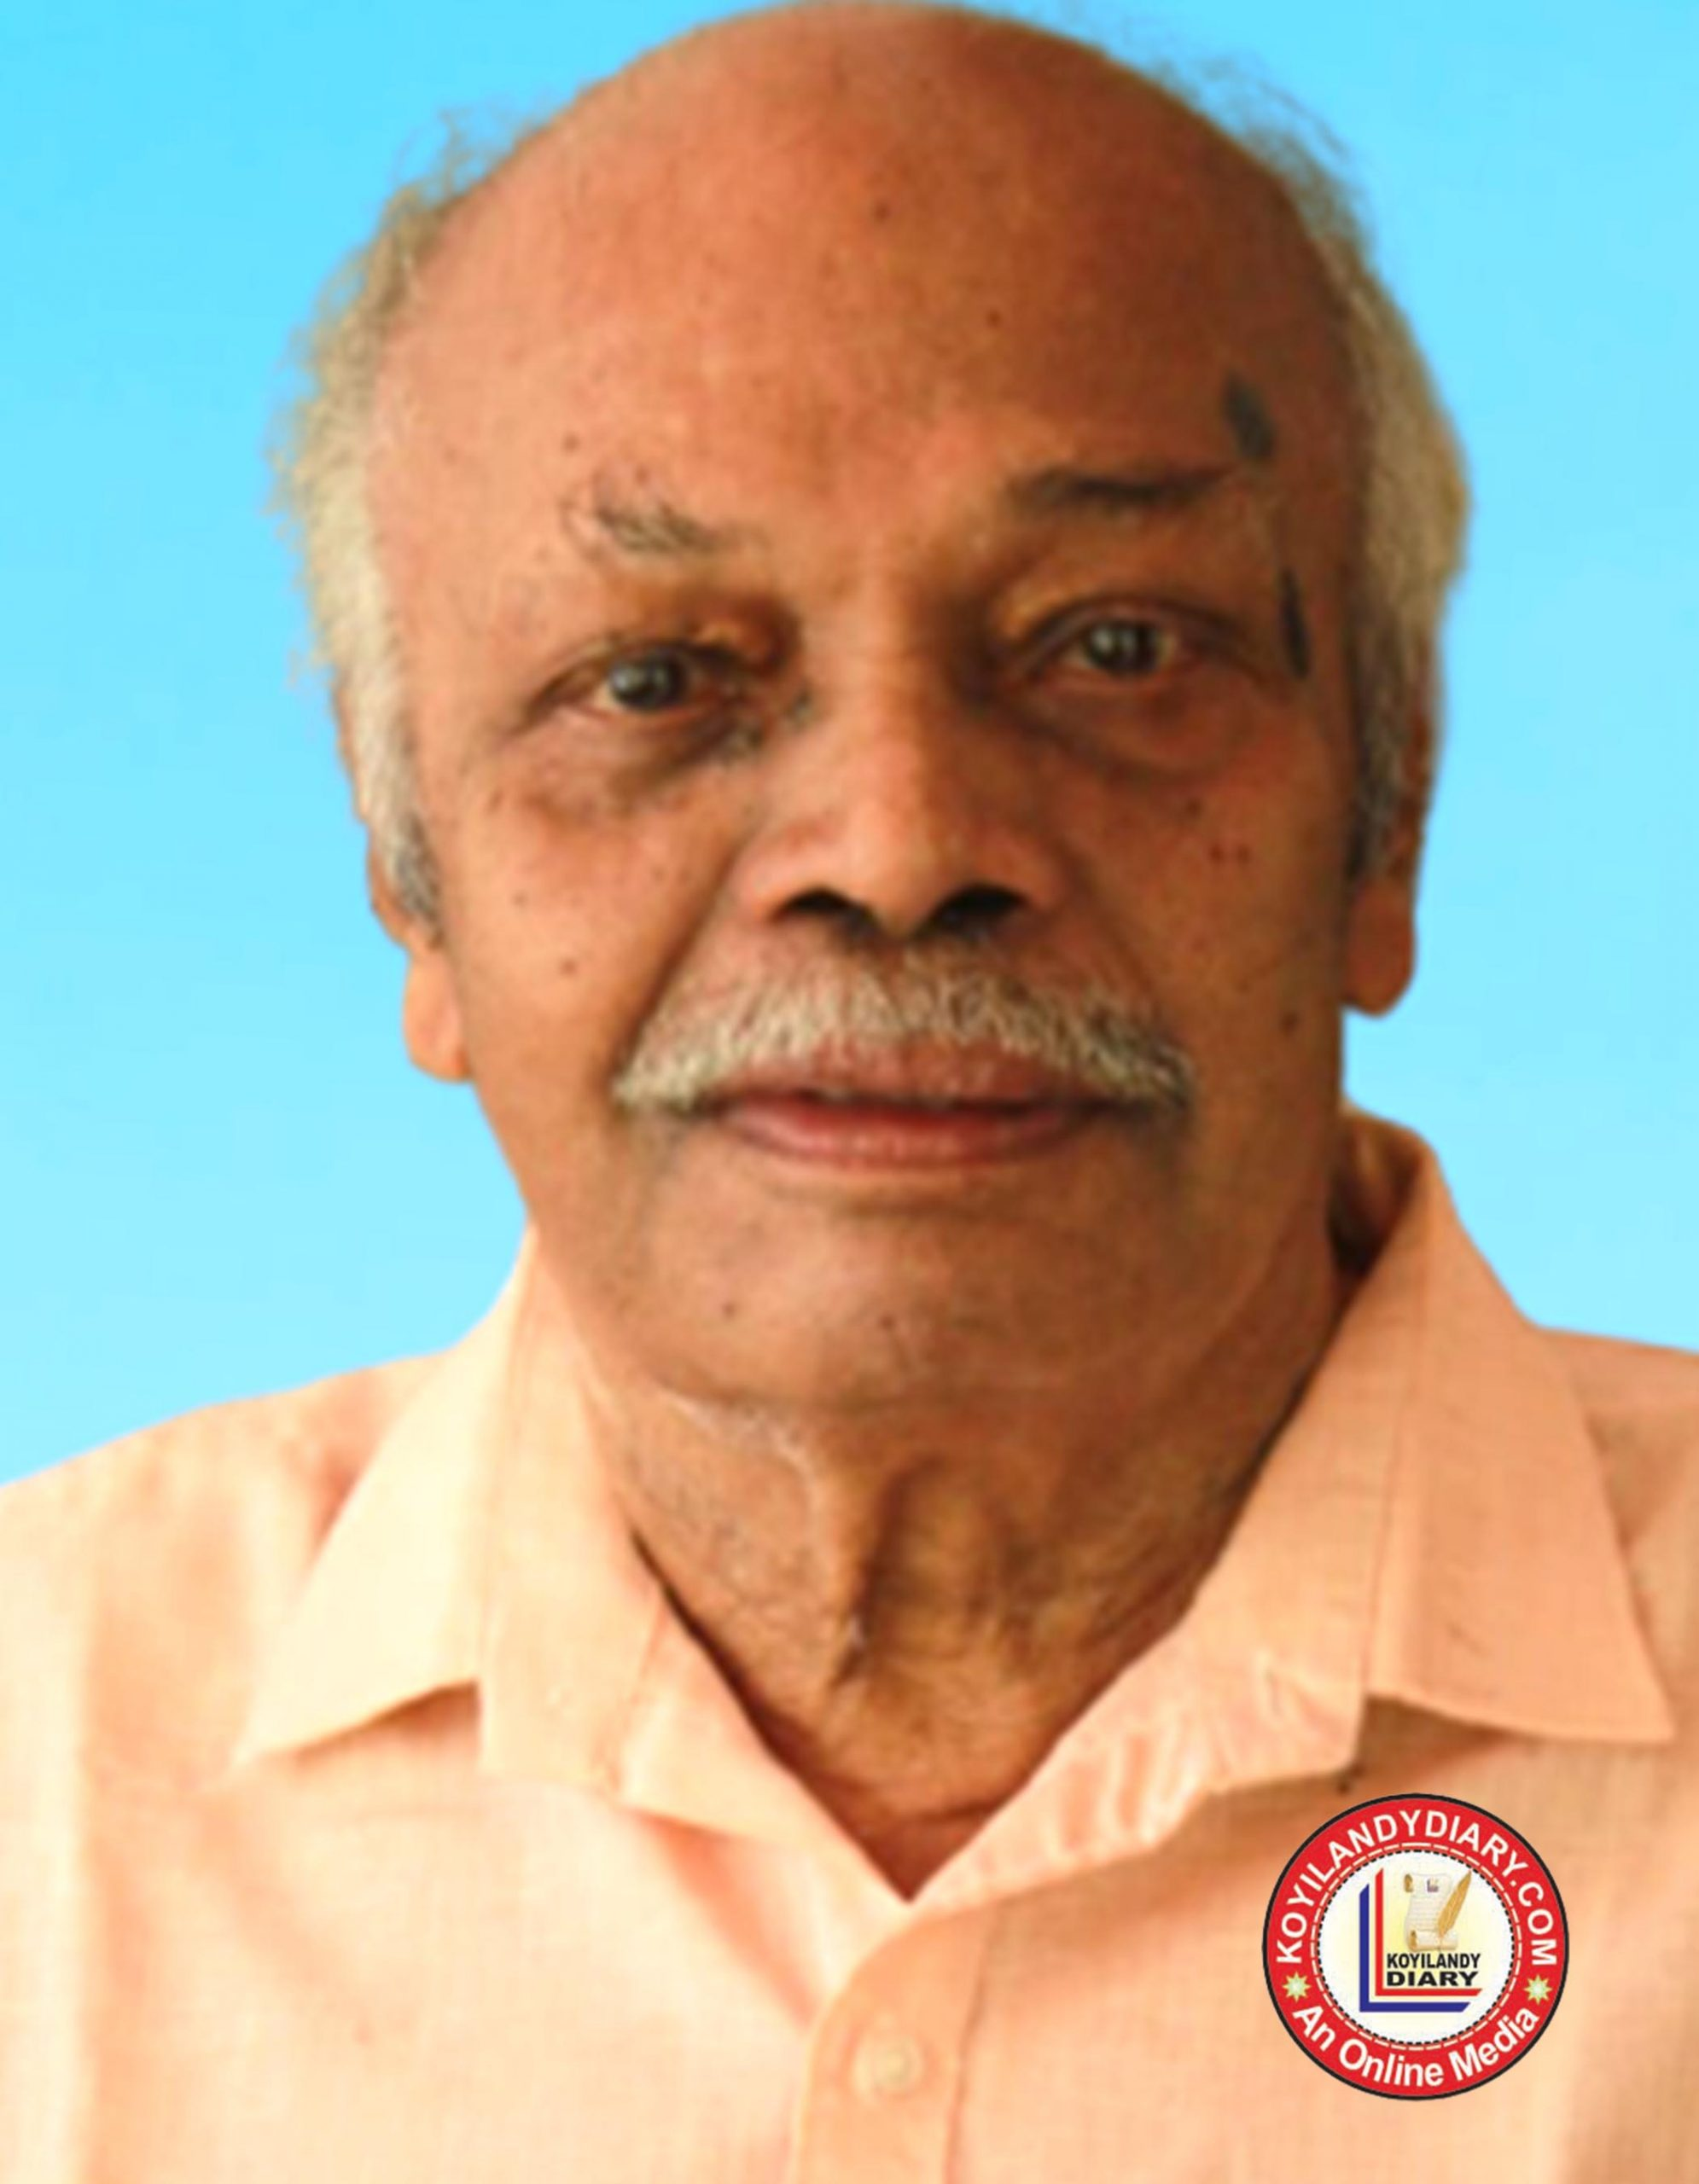 കൊല്ലം വാഴവളപ്പിൽ ഷൈജാലയം രാമകൃഷ്ണൻ (84)